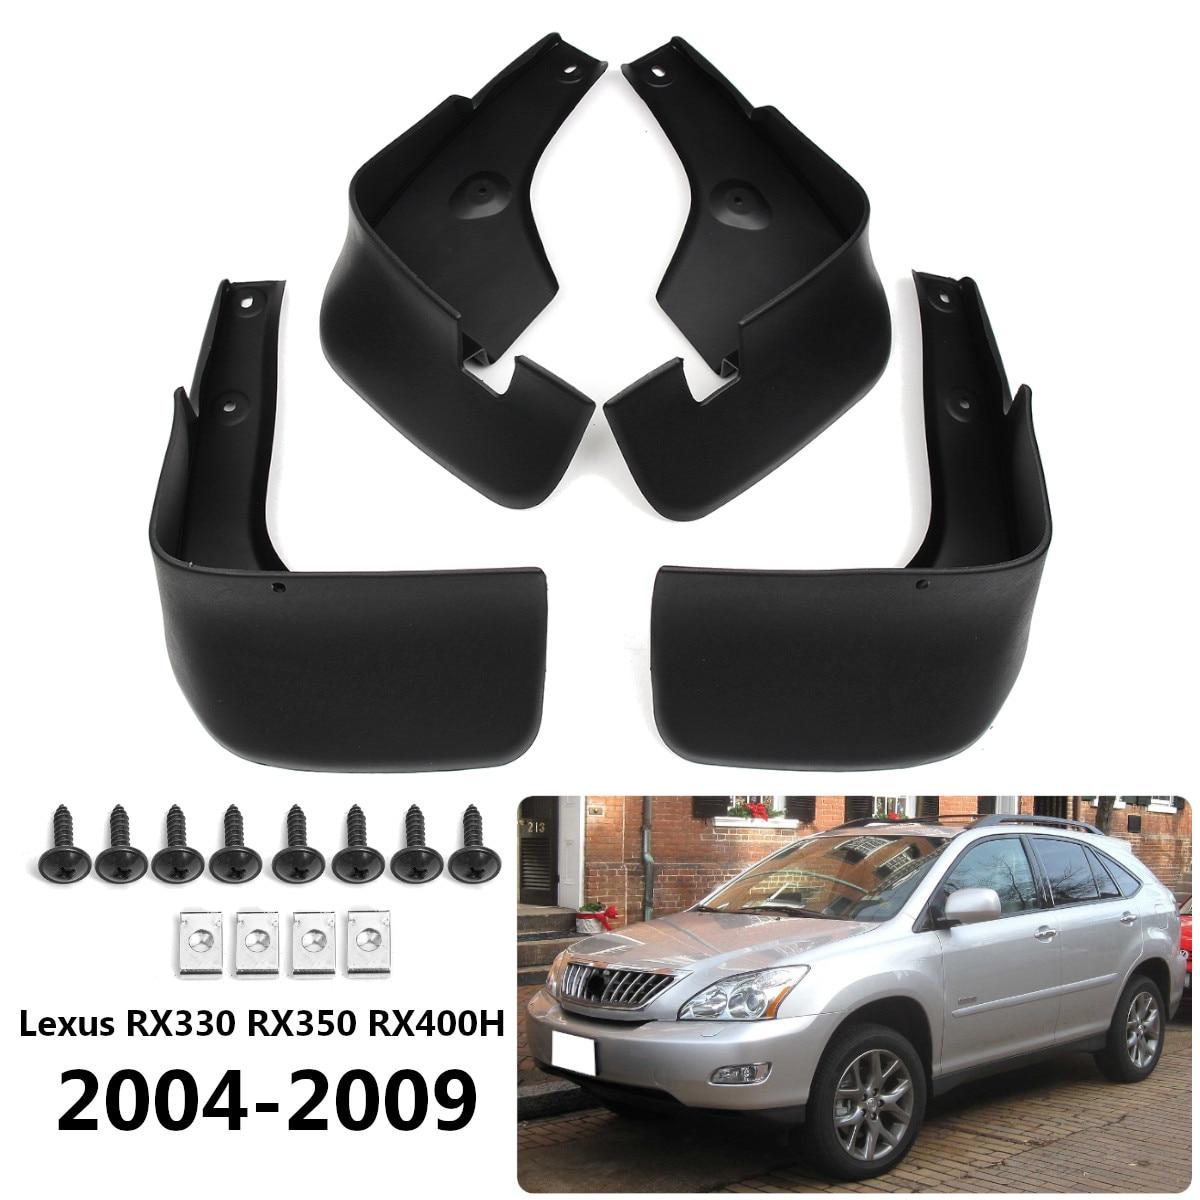 Dianteiro traseiro do carro mud flaps para lexus rx330 rx350 rx400h 2004-2009 mudflaps guarda respingo fender acessórios